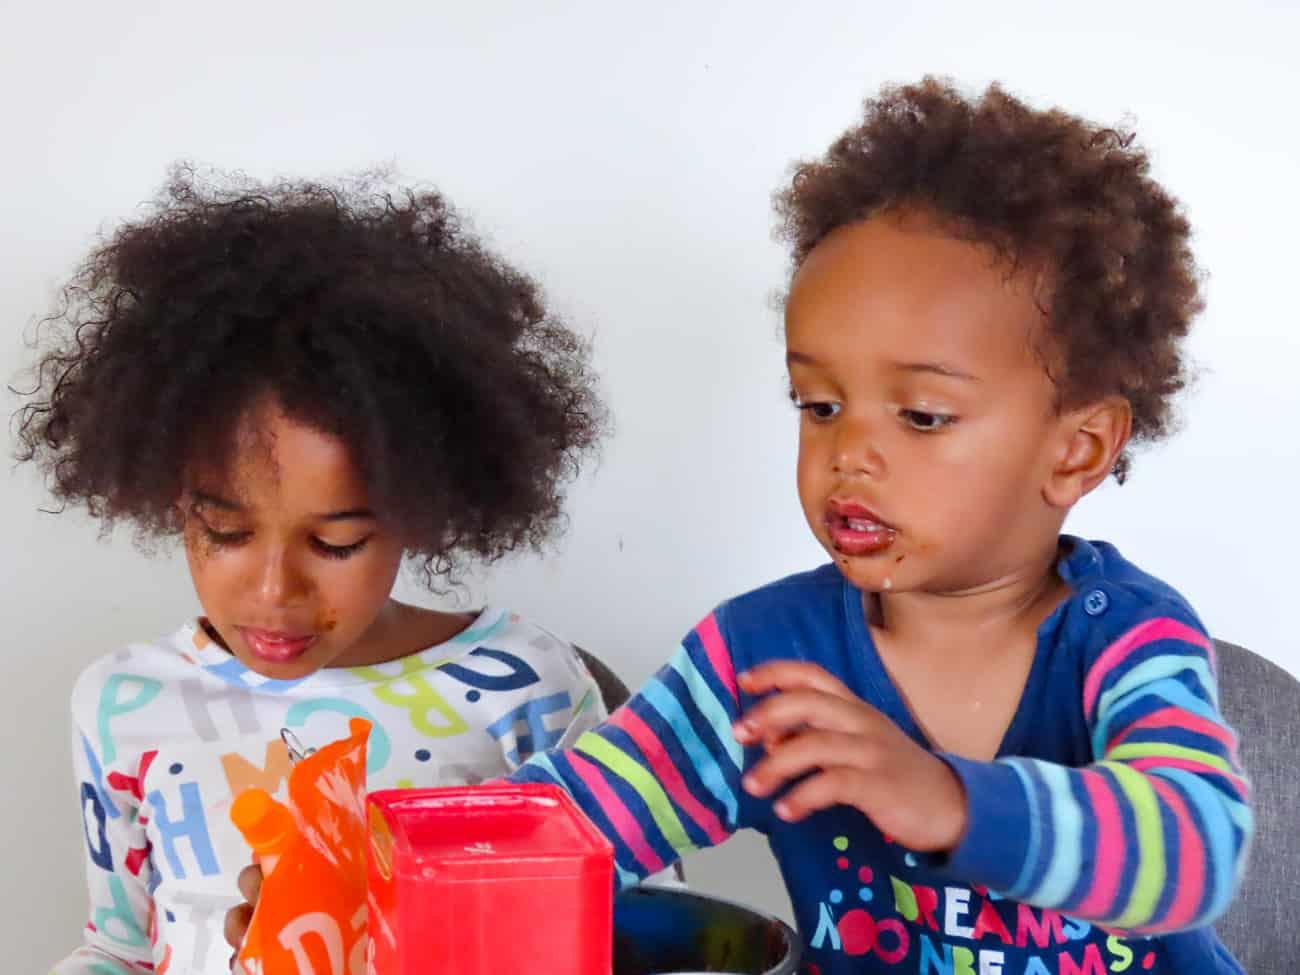 cuisiner-avec-enfants-recettes-28